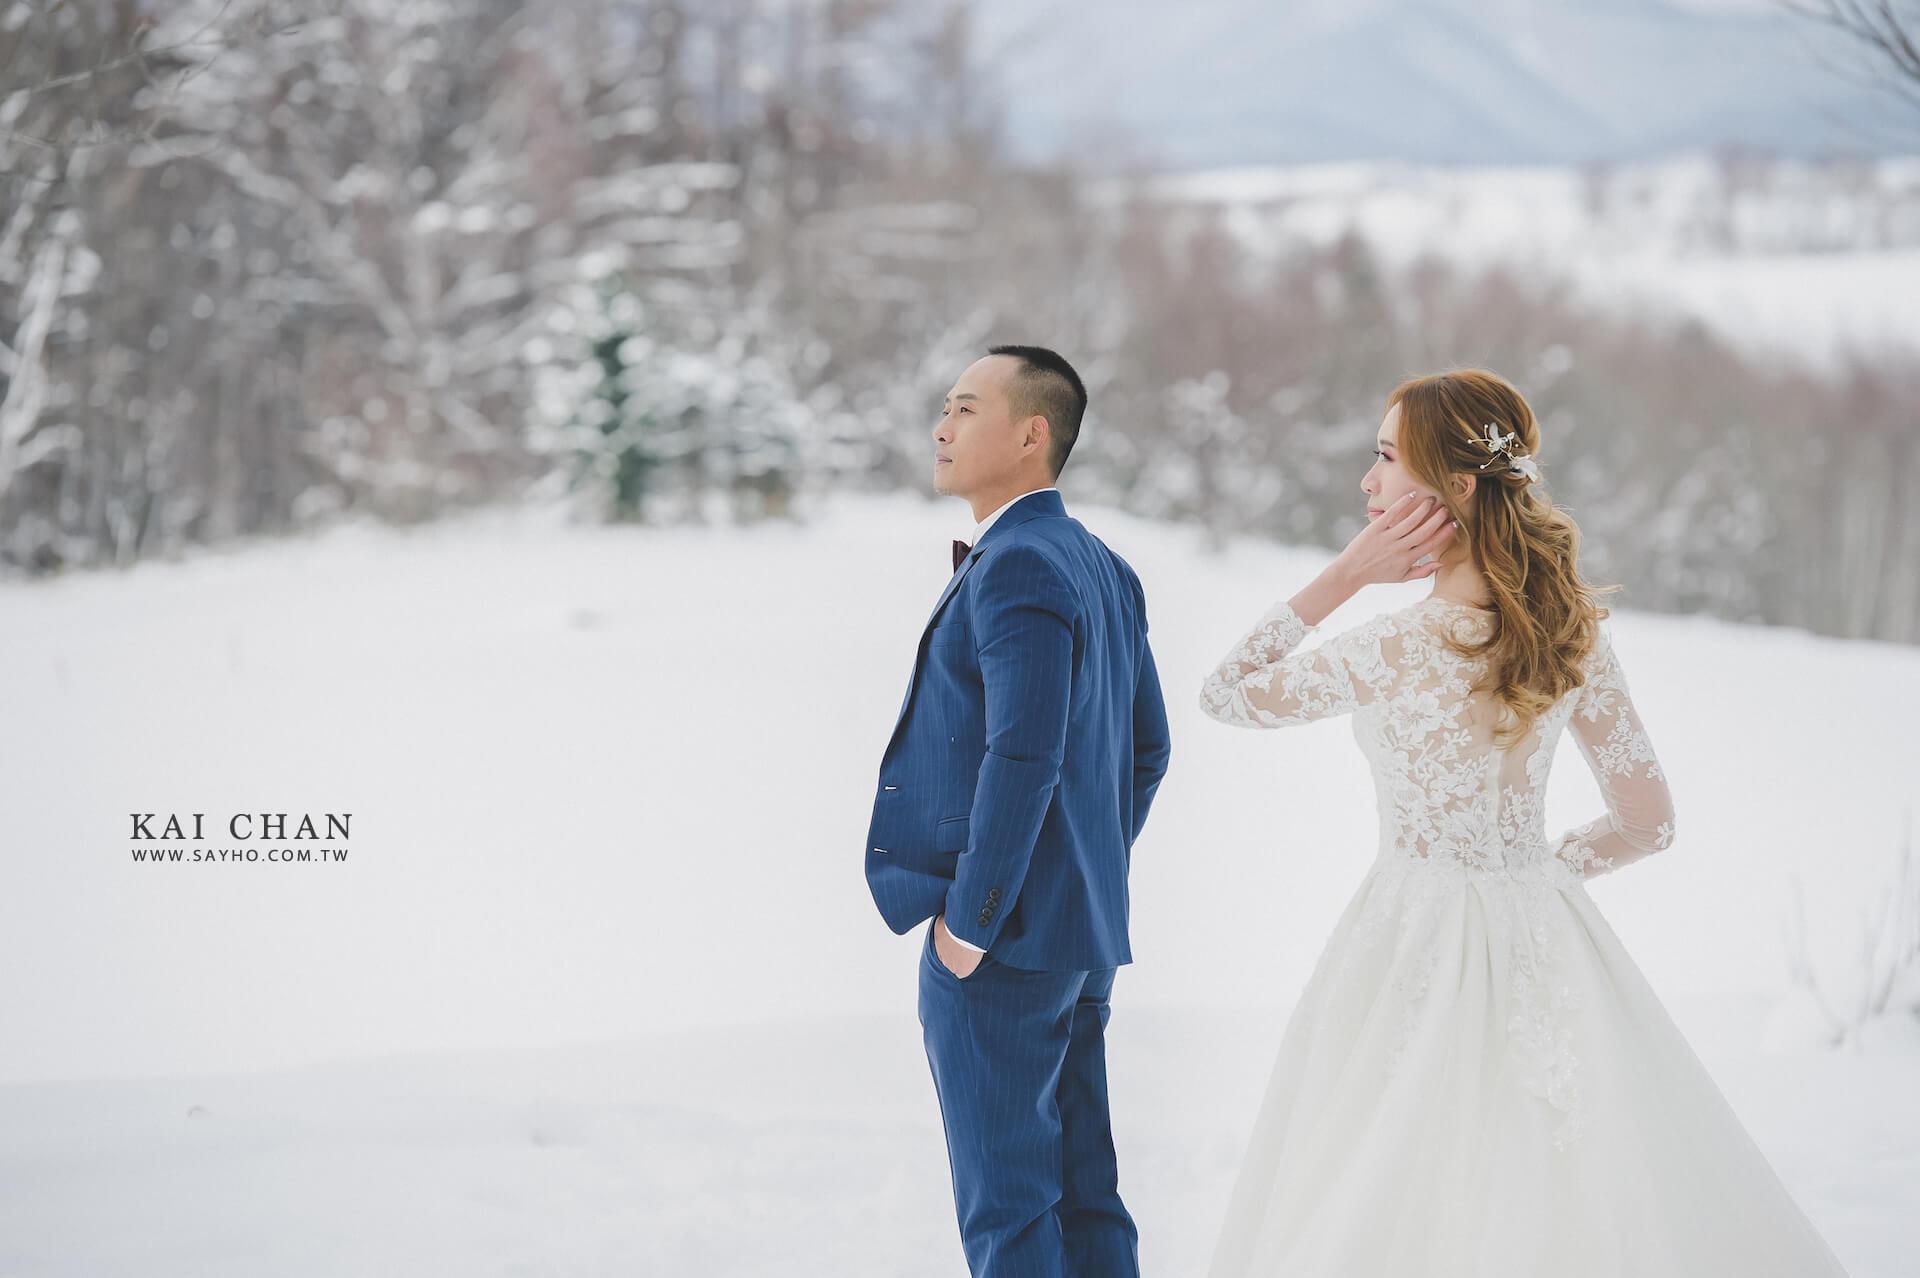 北海道拍婚紗,北海道婚紗,雪景婚紗